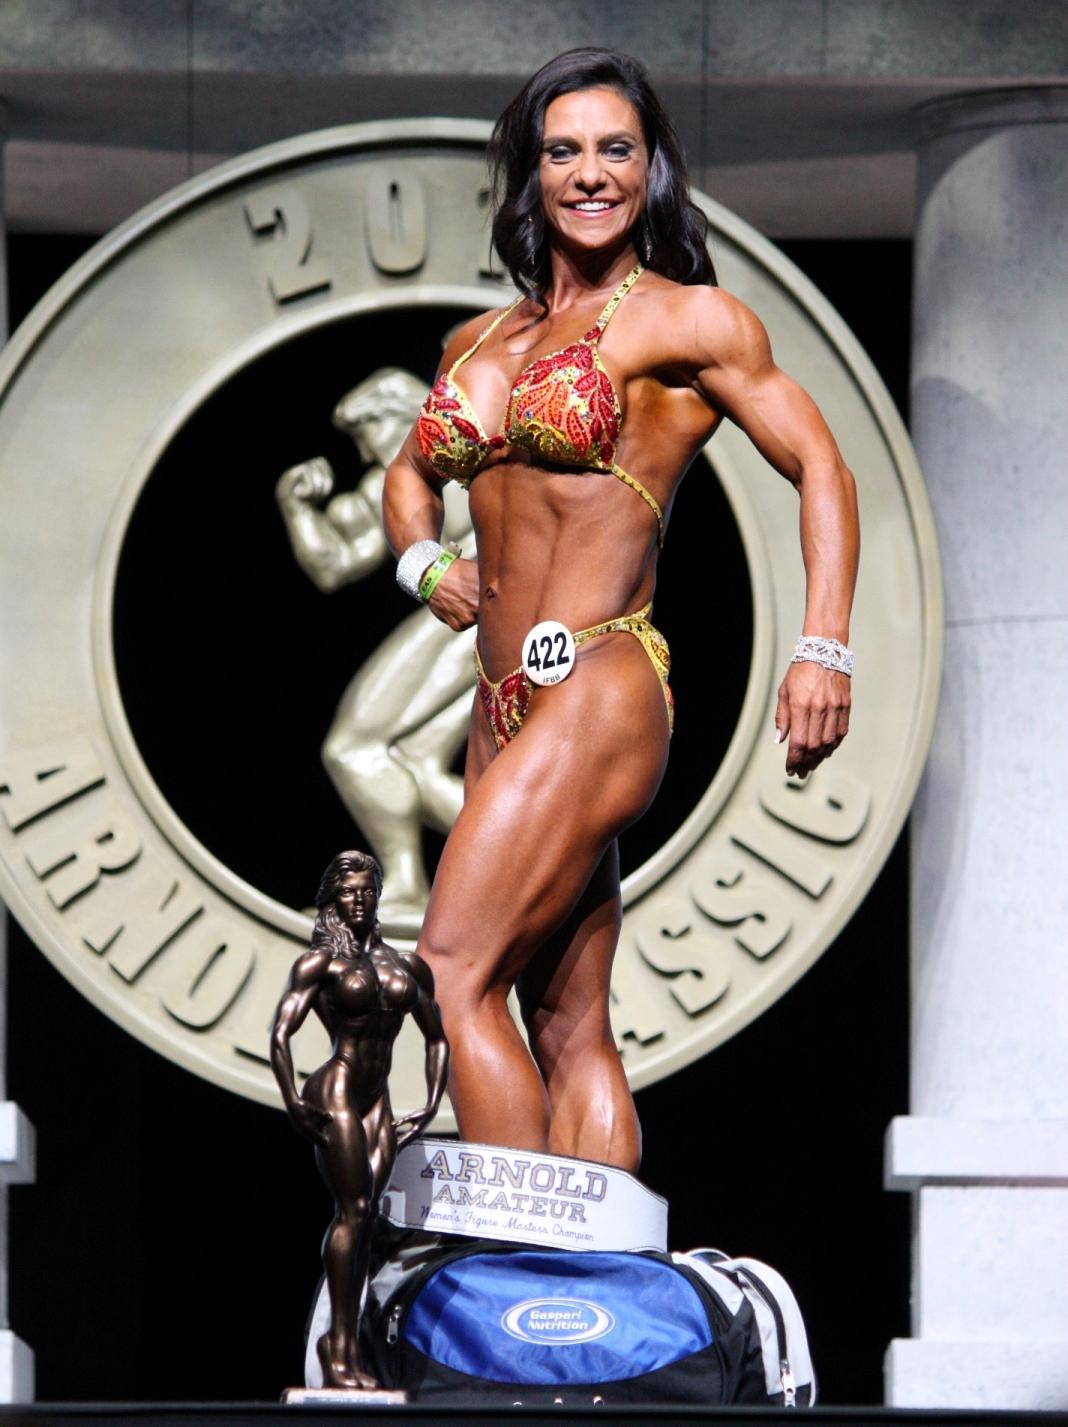 Figure Masters – Melanie Noel of Canada (422)